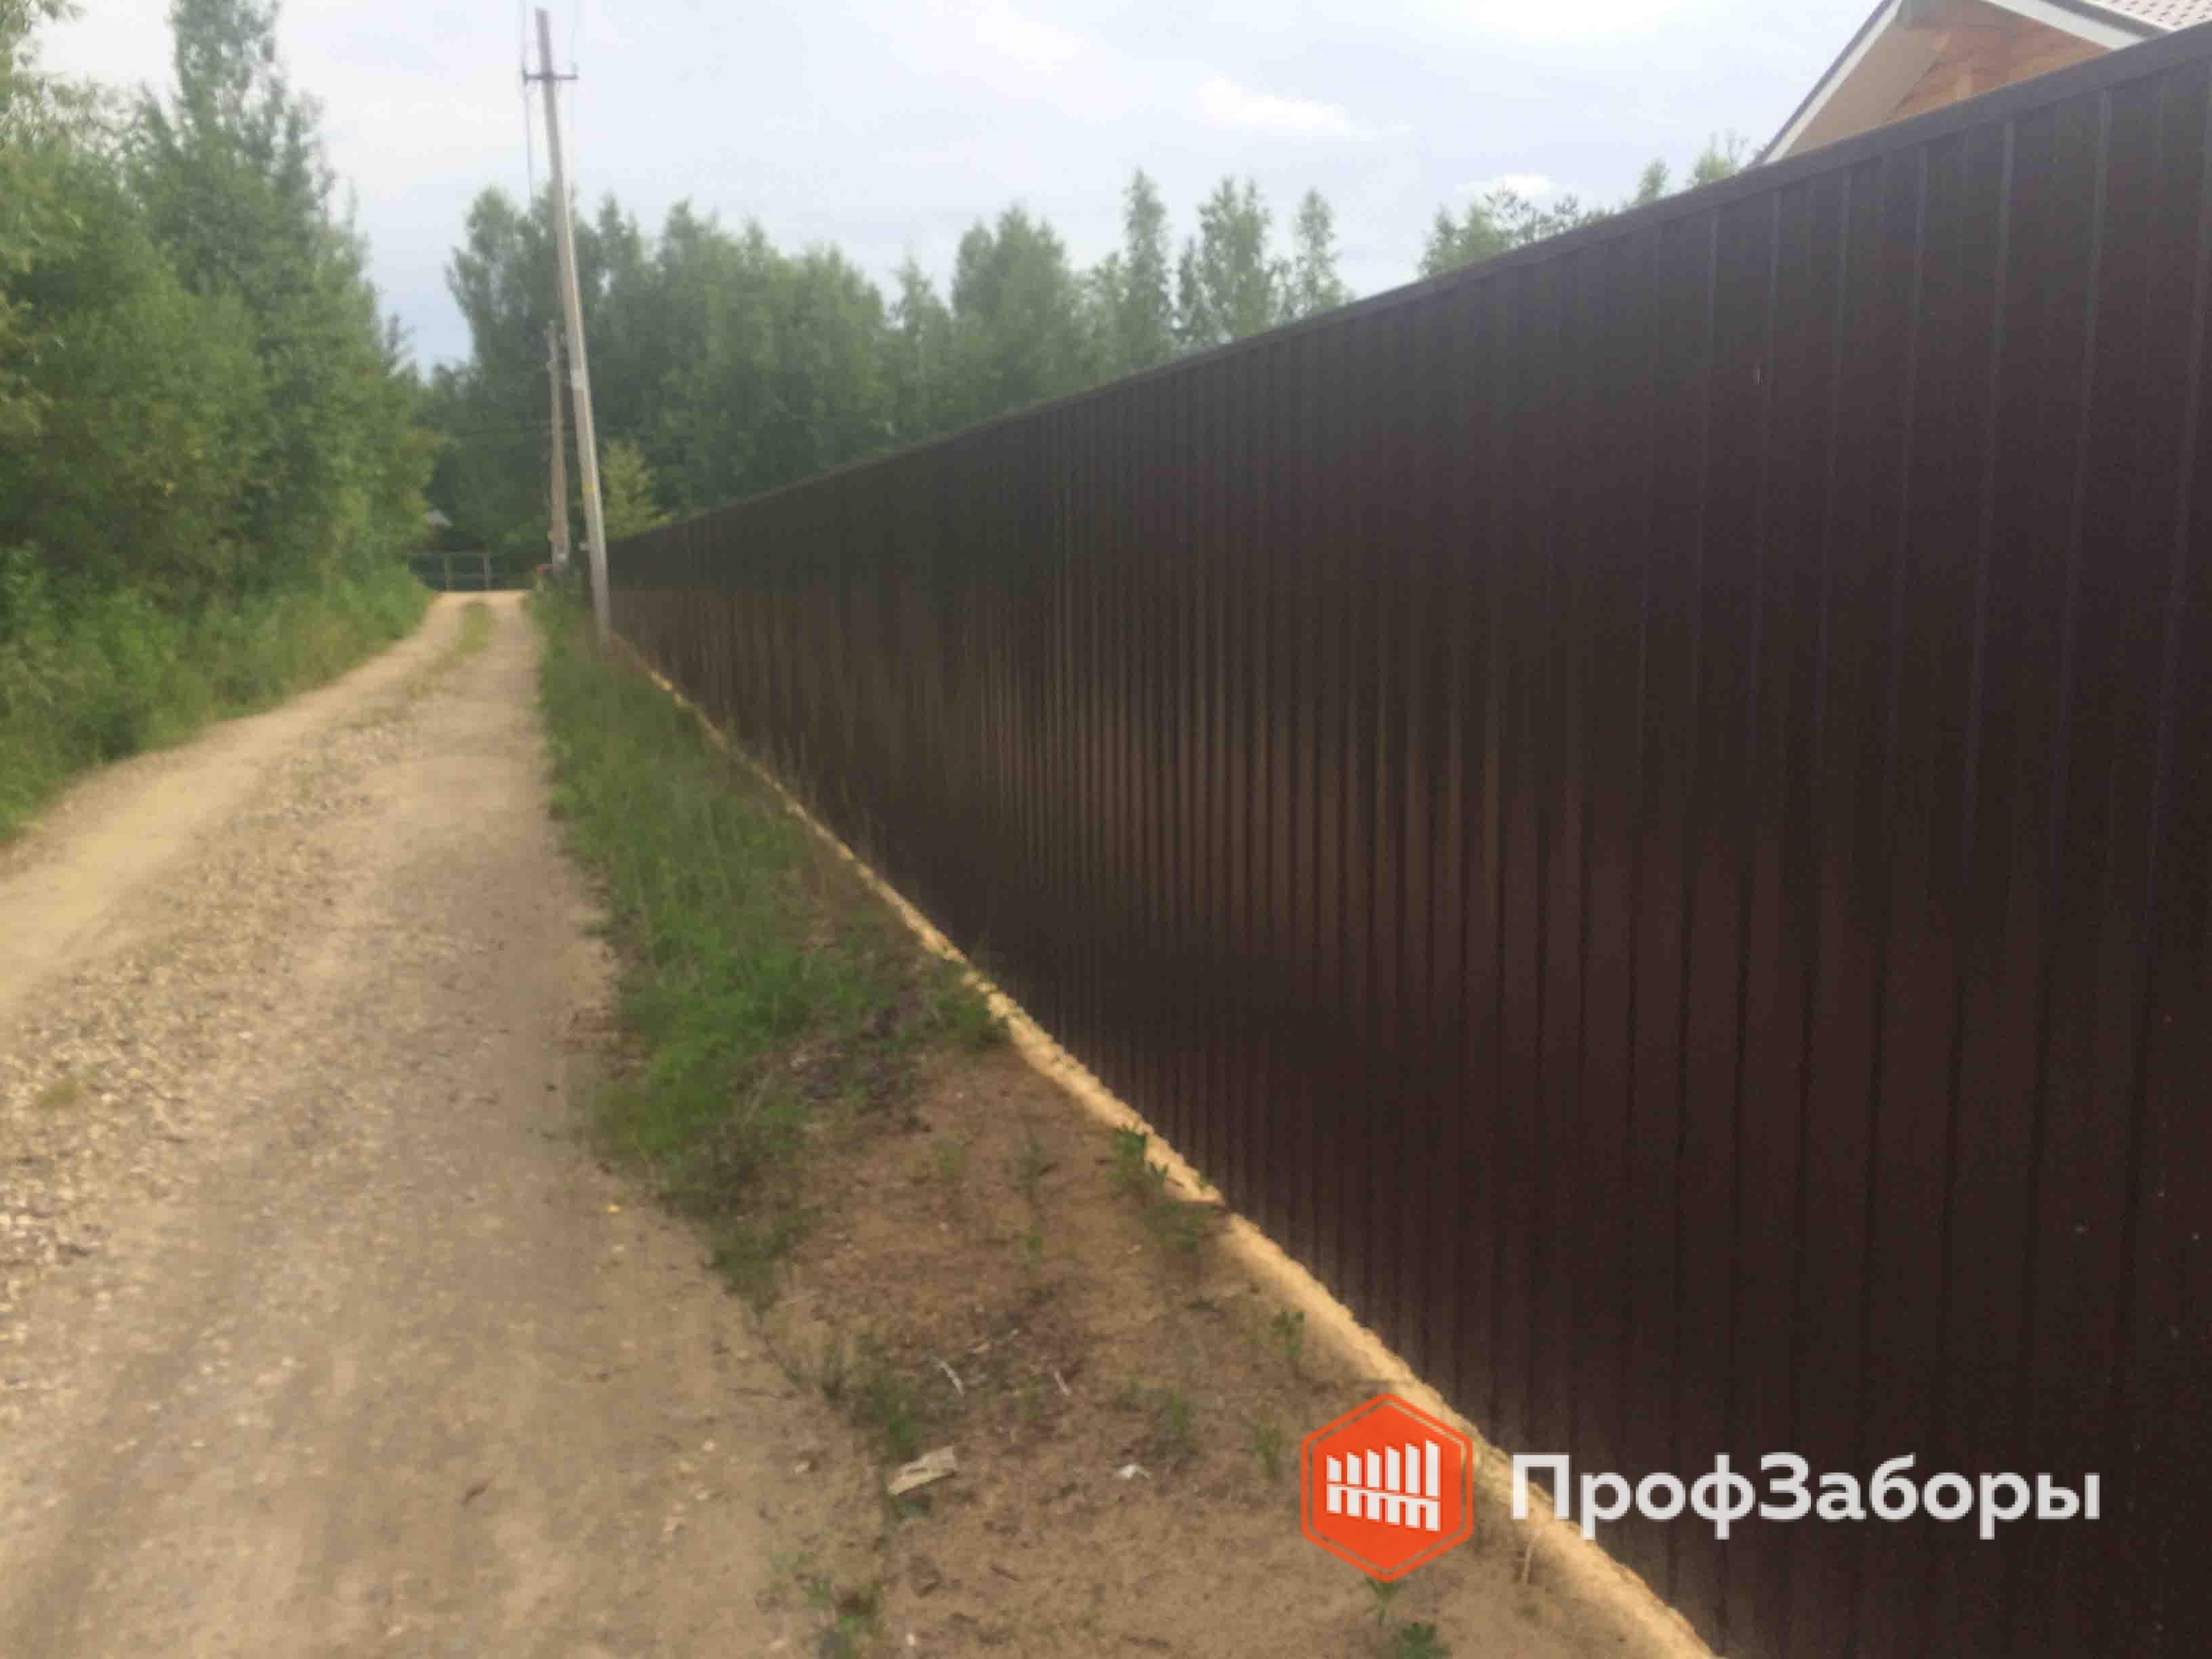 Заборы Из профнастила  - Село Бояркино. Фото 2